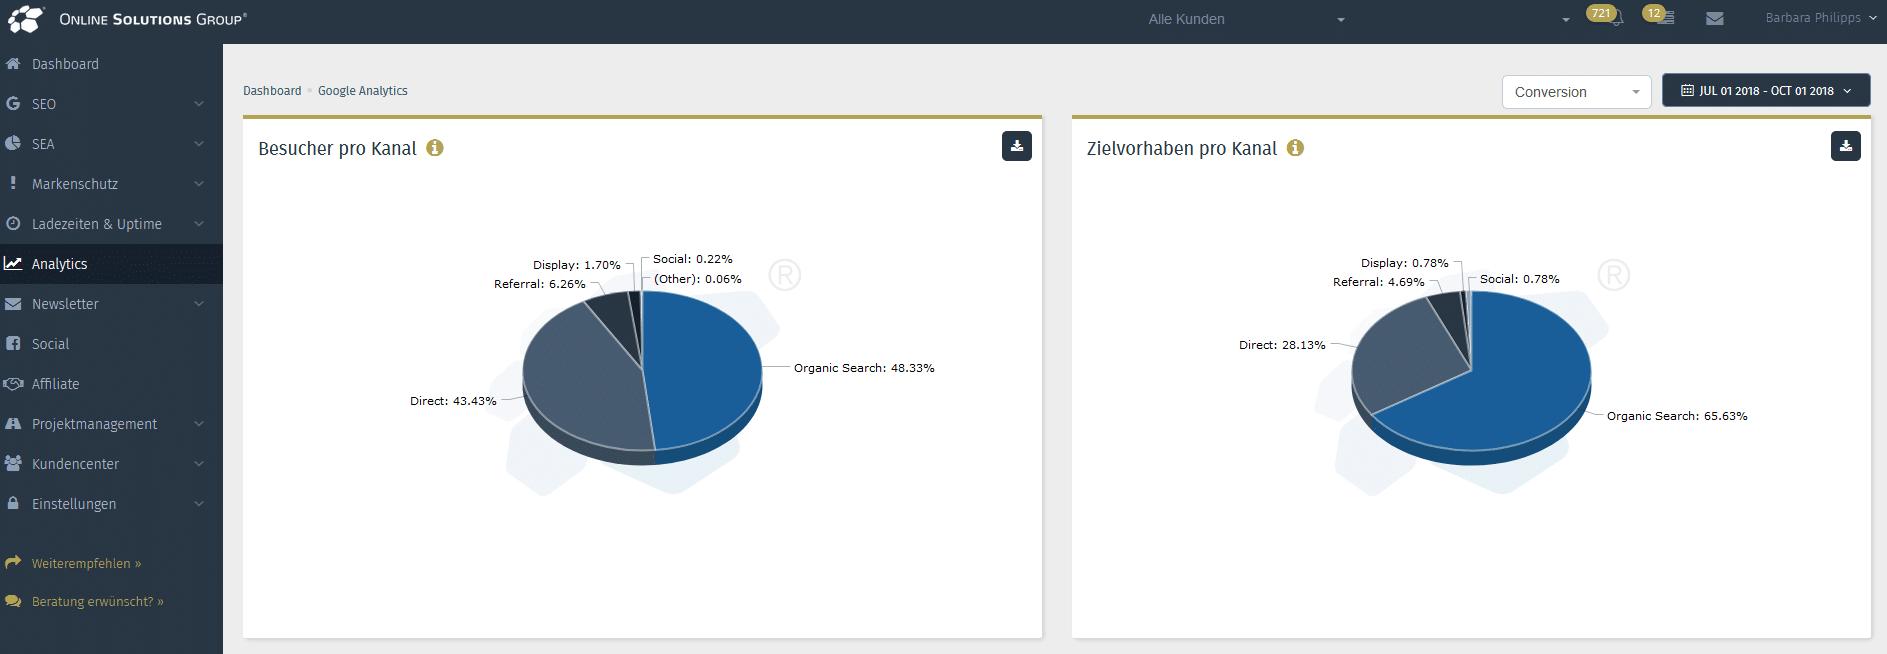 Screenshot aus der OSG PS von Google Analytics